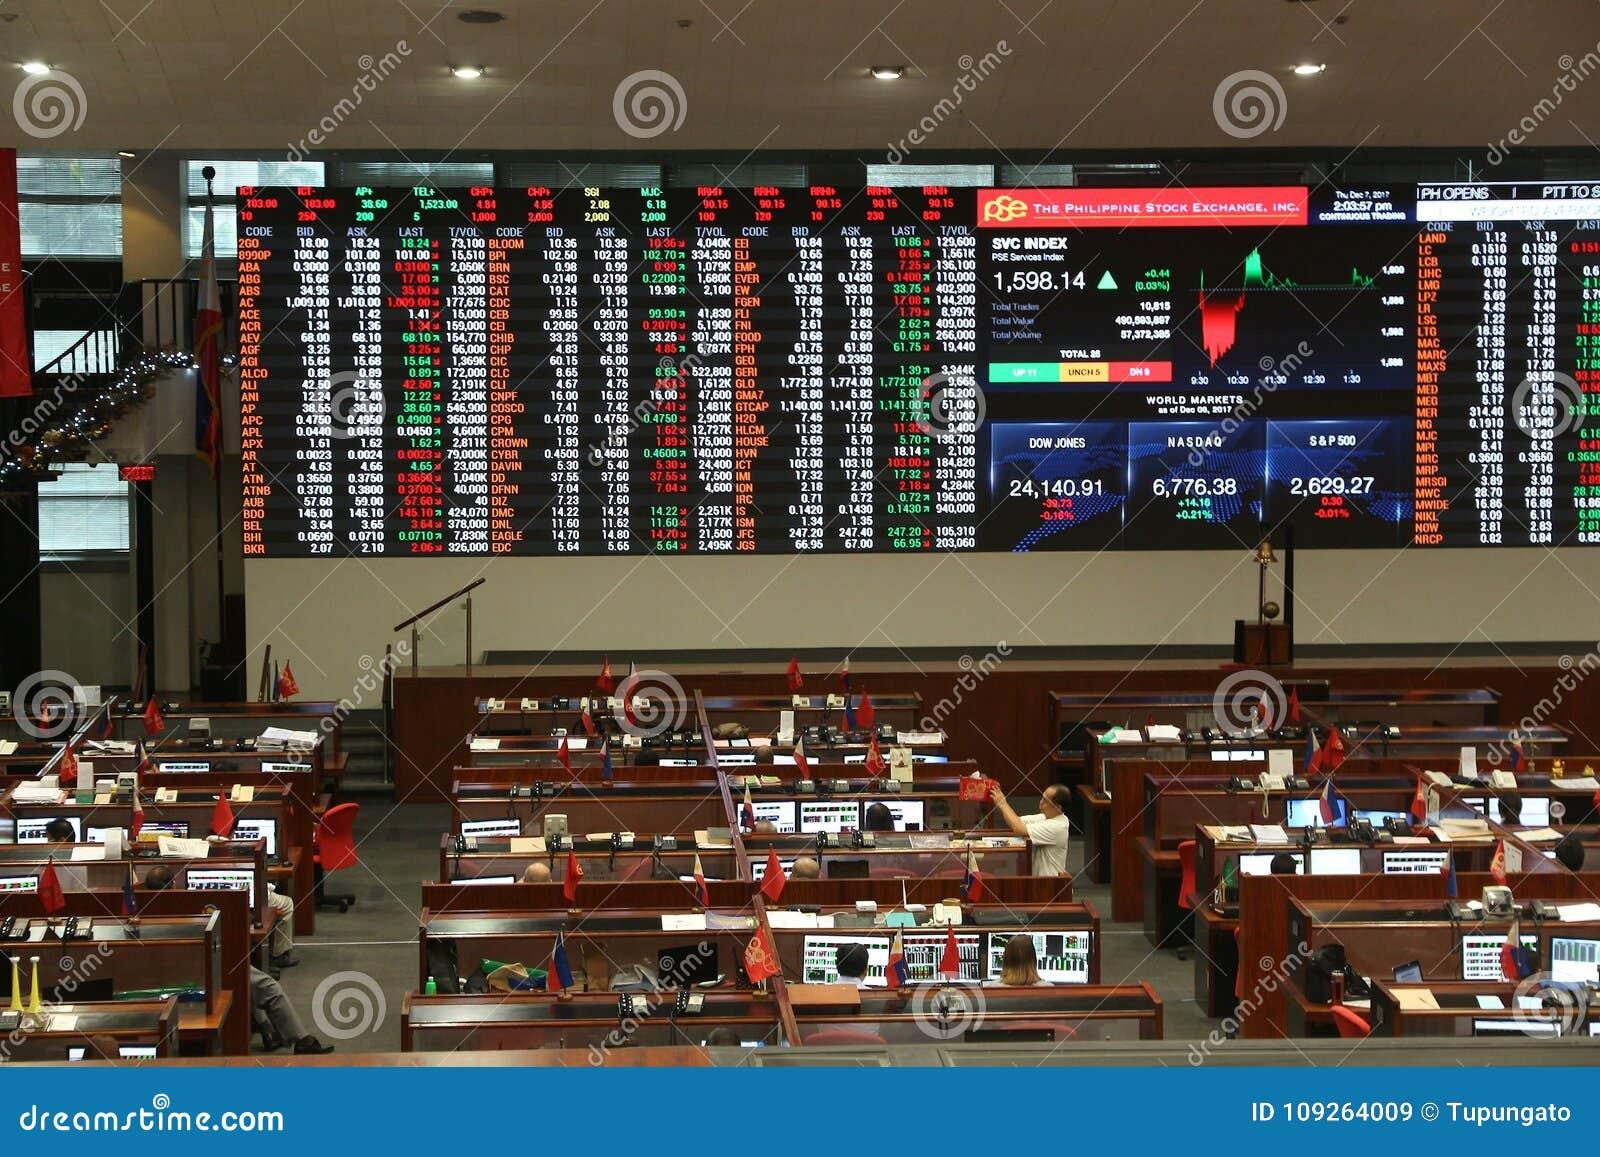 Филиппинская фондовая биржа